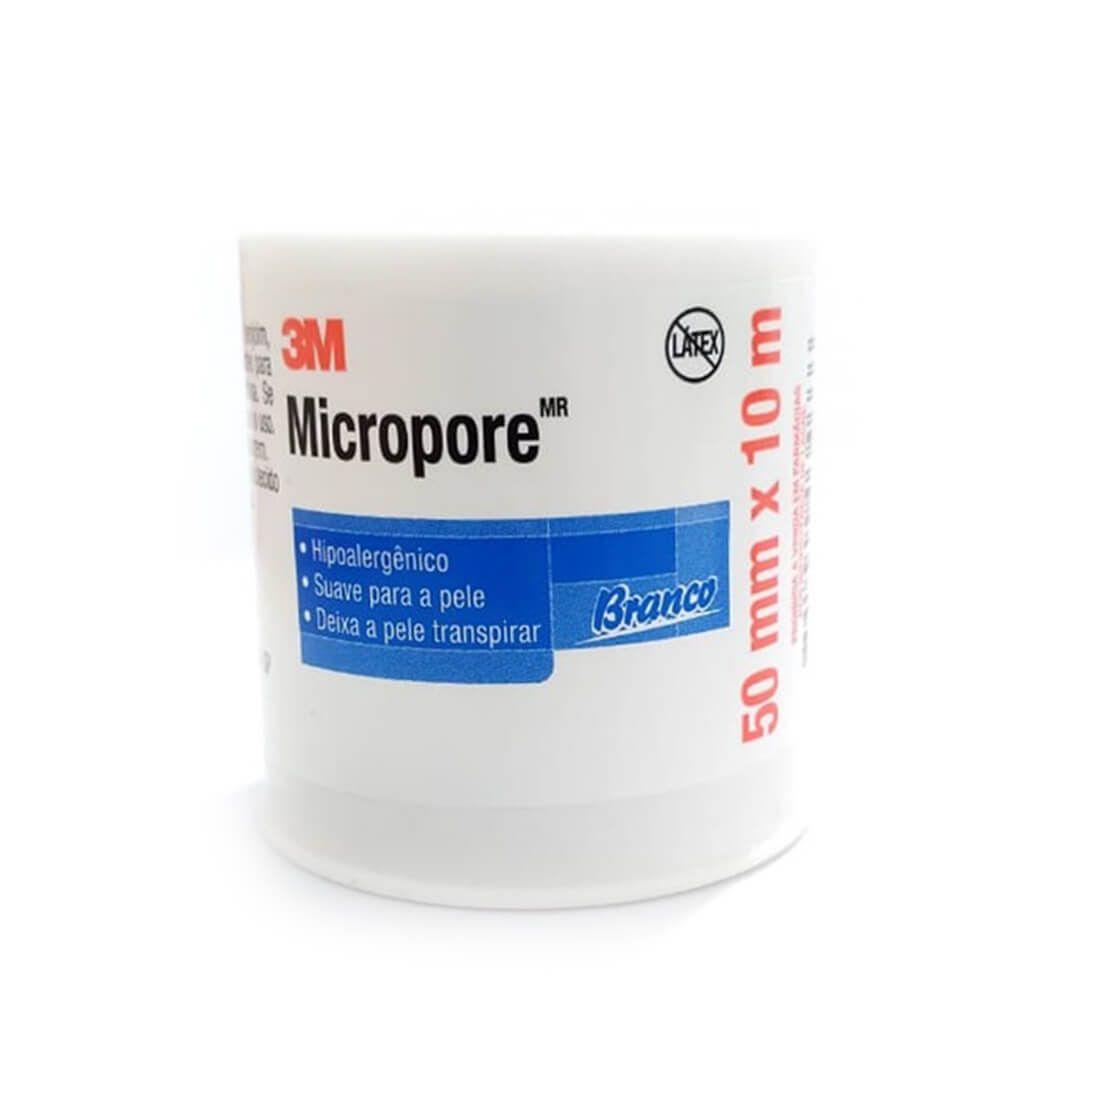 Fita Adesiva Micropore 3M 50mmX10m Branco- 06 unidades